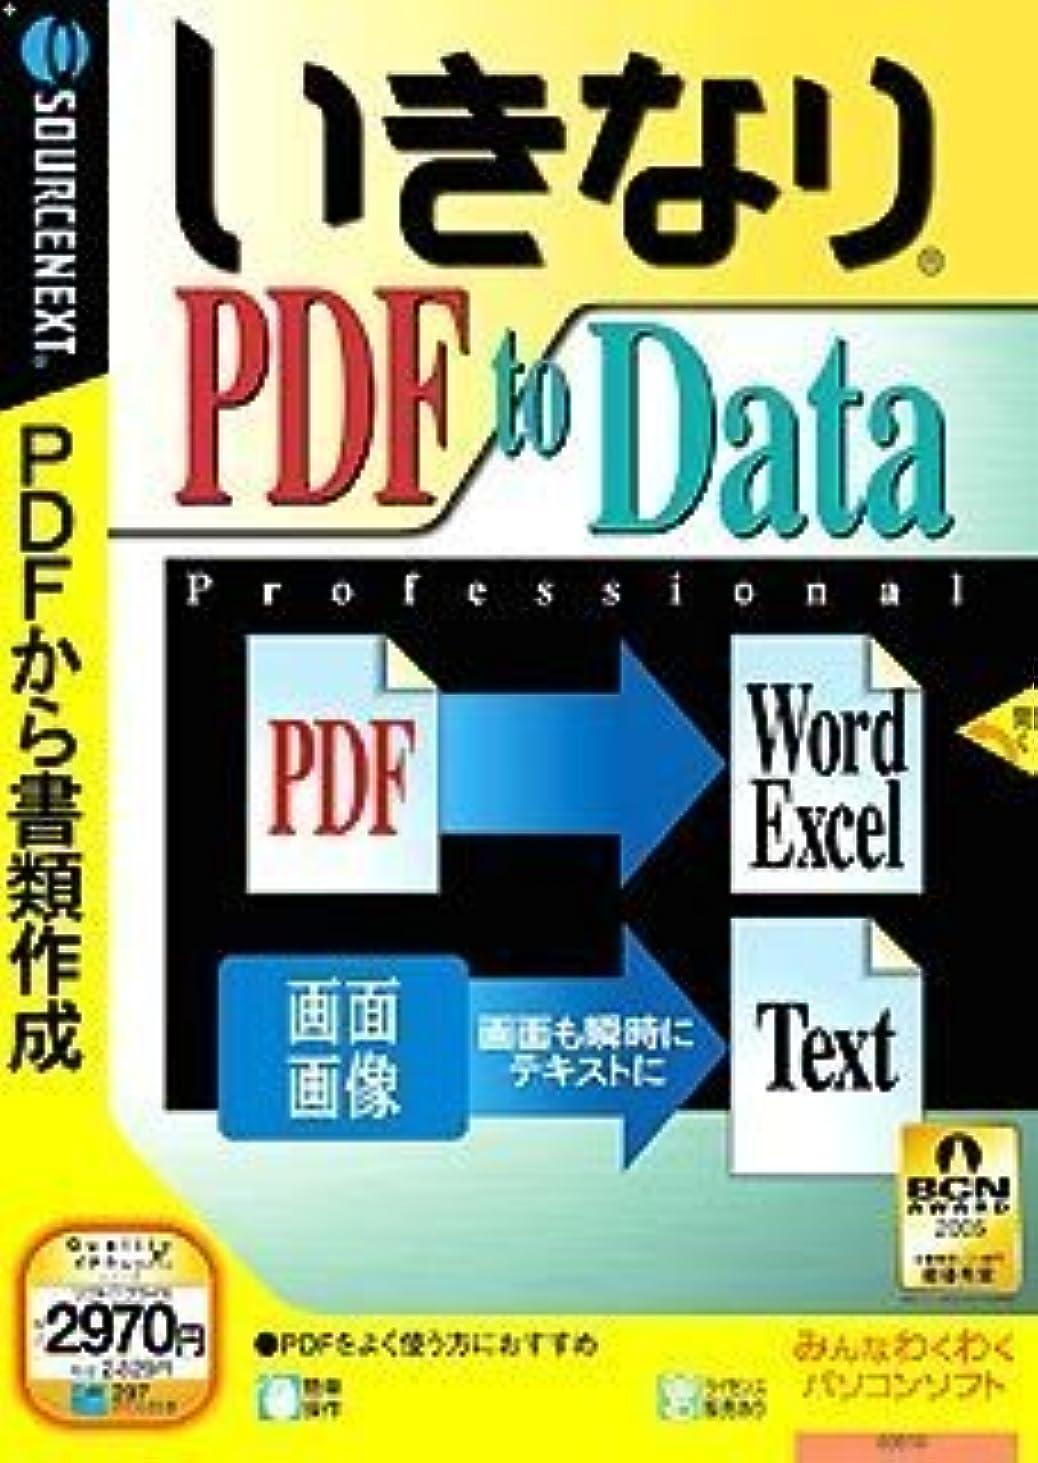 楽しむストレスなかなかいきなりPDF to Data Professional (説明扉付きスリムパッケージ版)